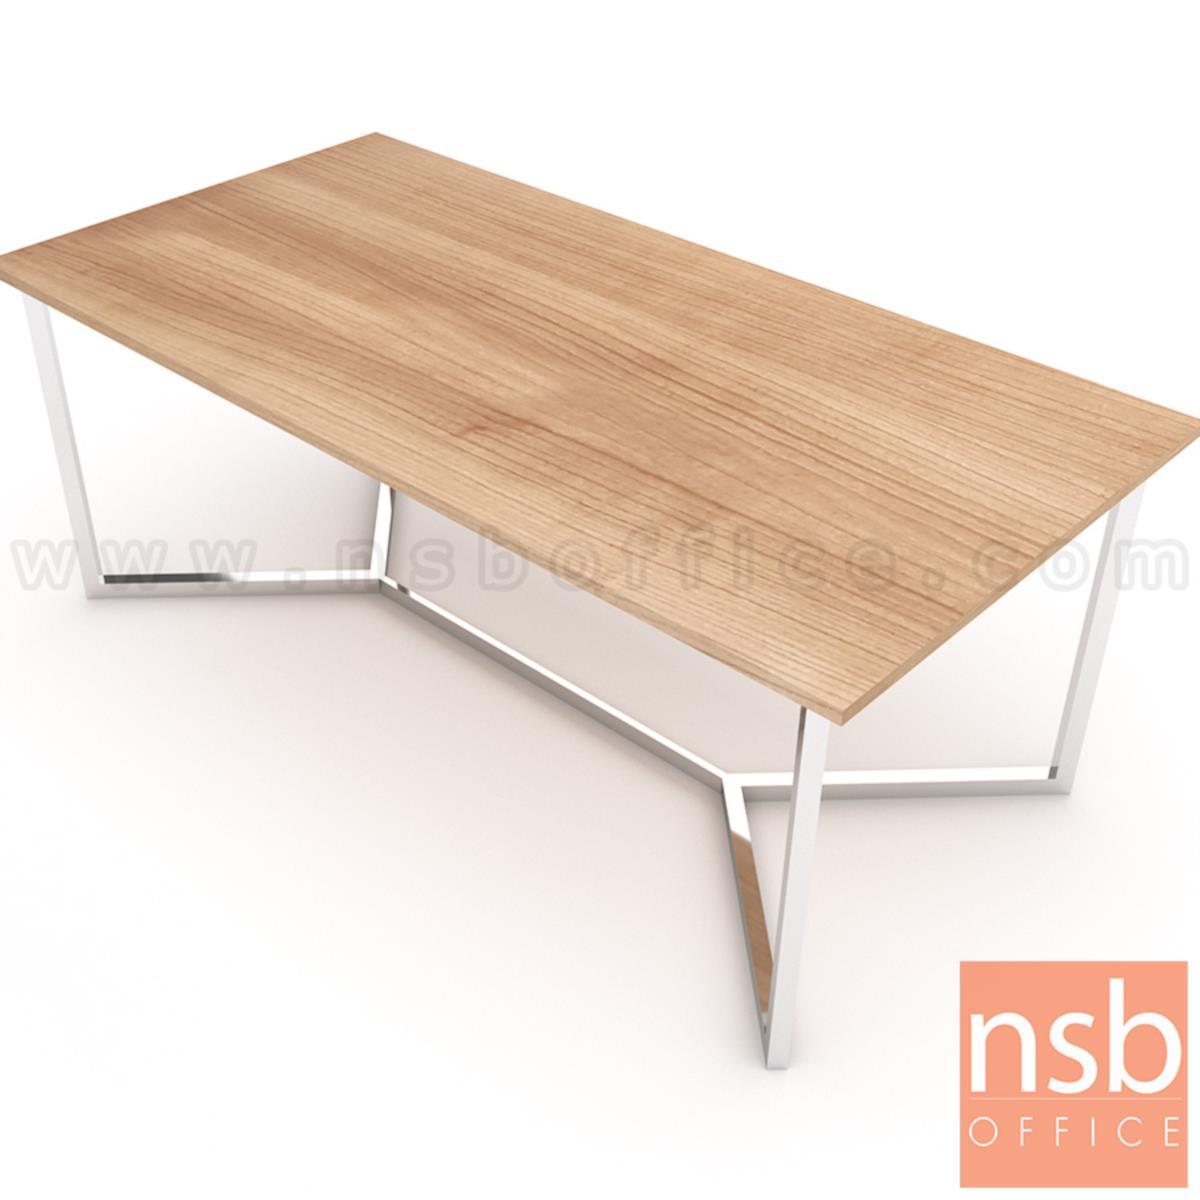 A05A225:โต๊ะประชุมทรงสีเหลี่ยม รุ่น Jaylen (เจเลน) ขนาด 200W*100D*75H cm. ขาสแตนเลส